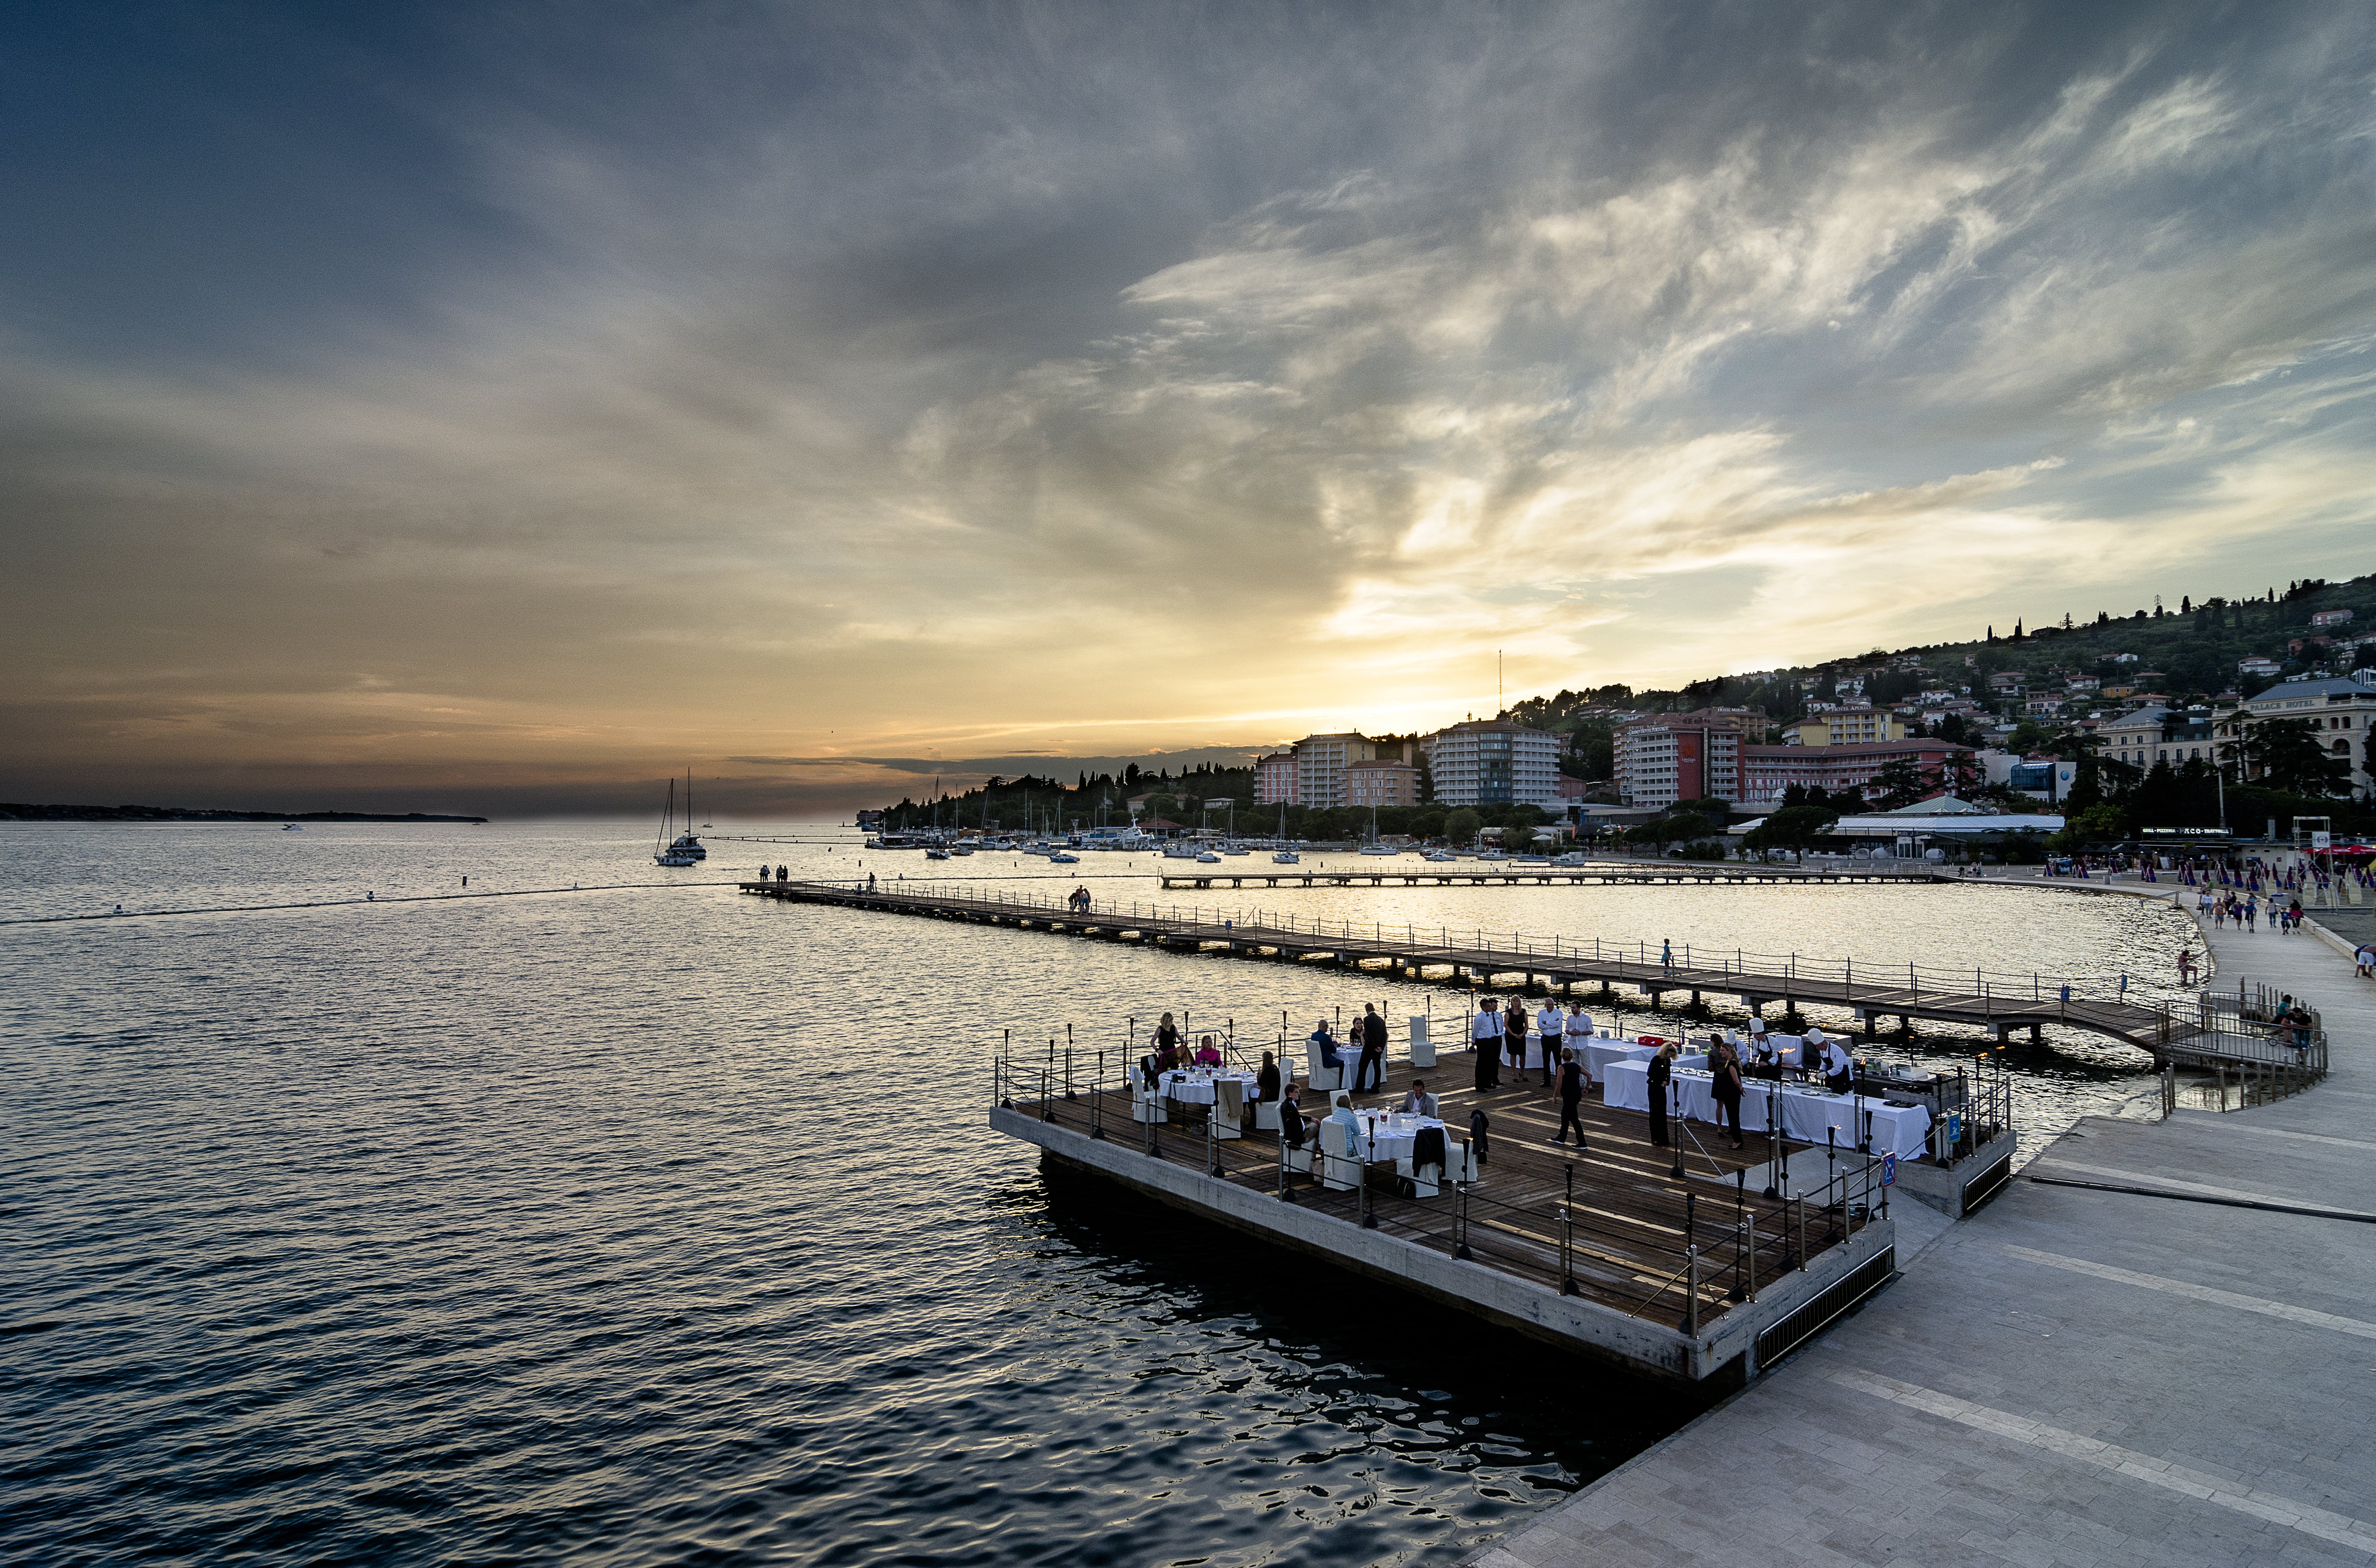 TZP_Dinner on the Pier